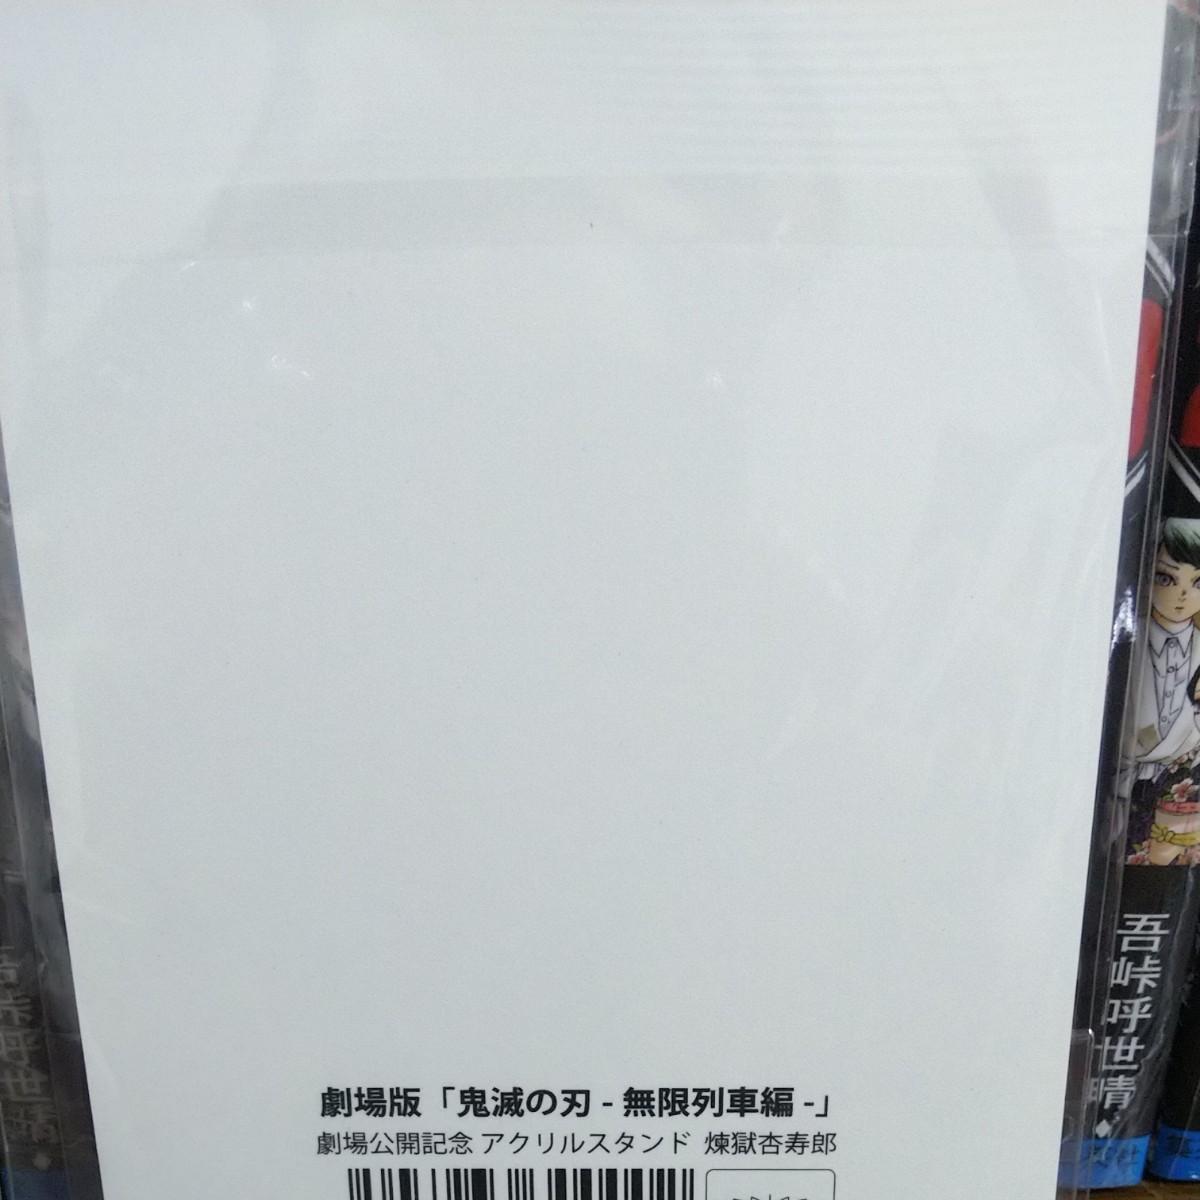 劇場版「鬼滅の刃」無限列車編 煉獄杏寿郎アクリルスタンド